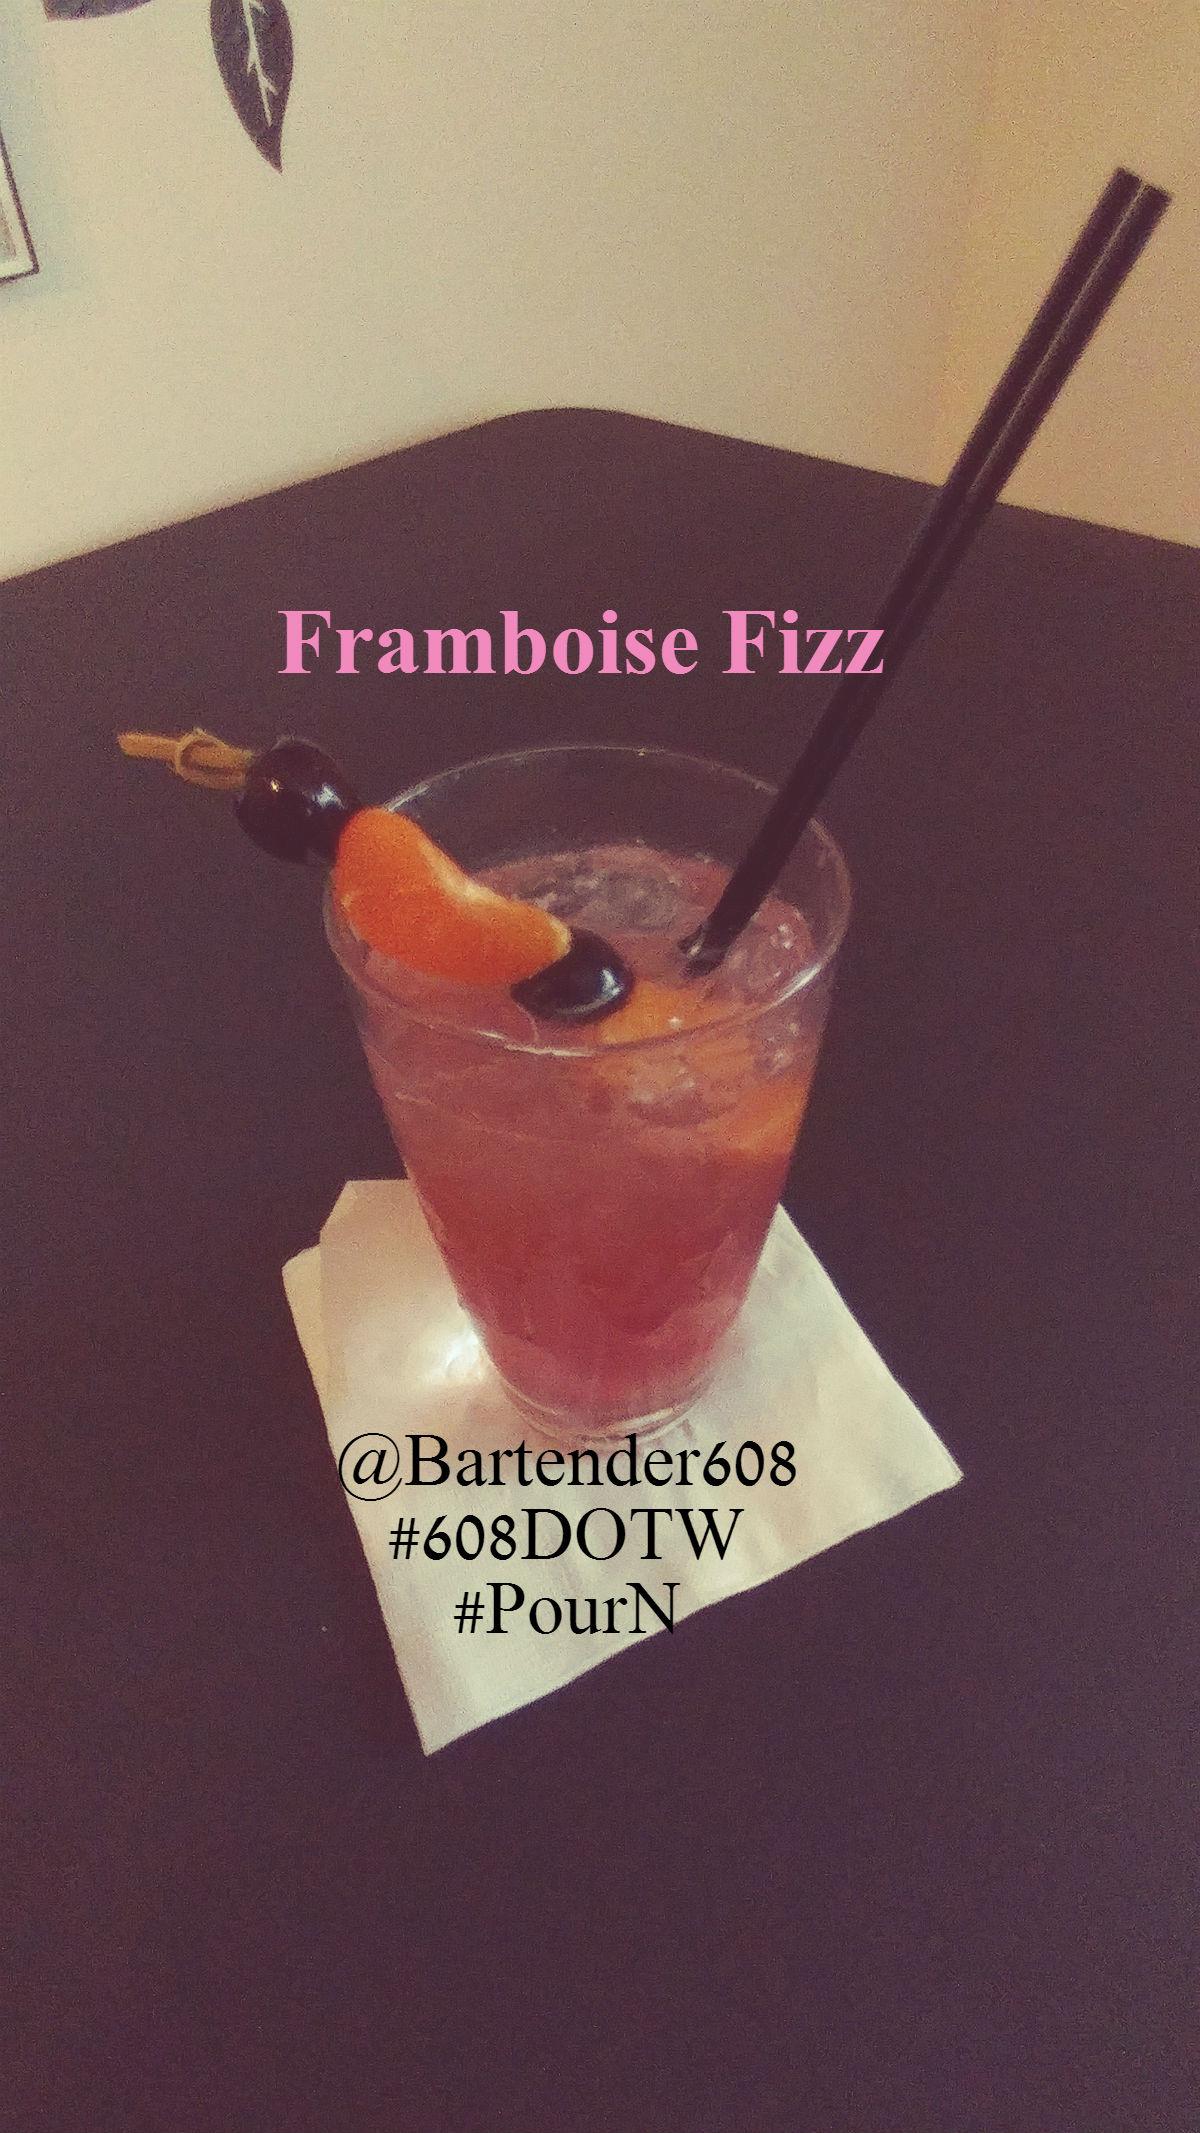 Framboise Fizz